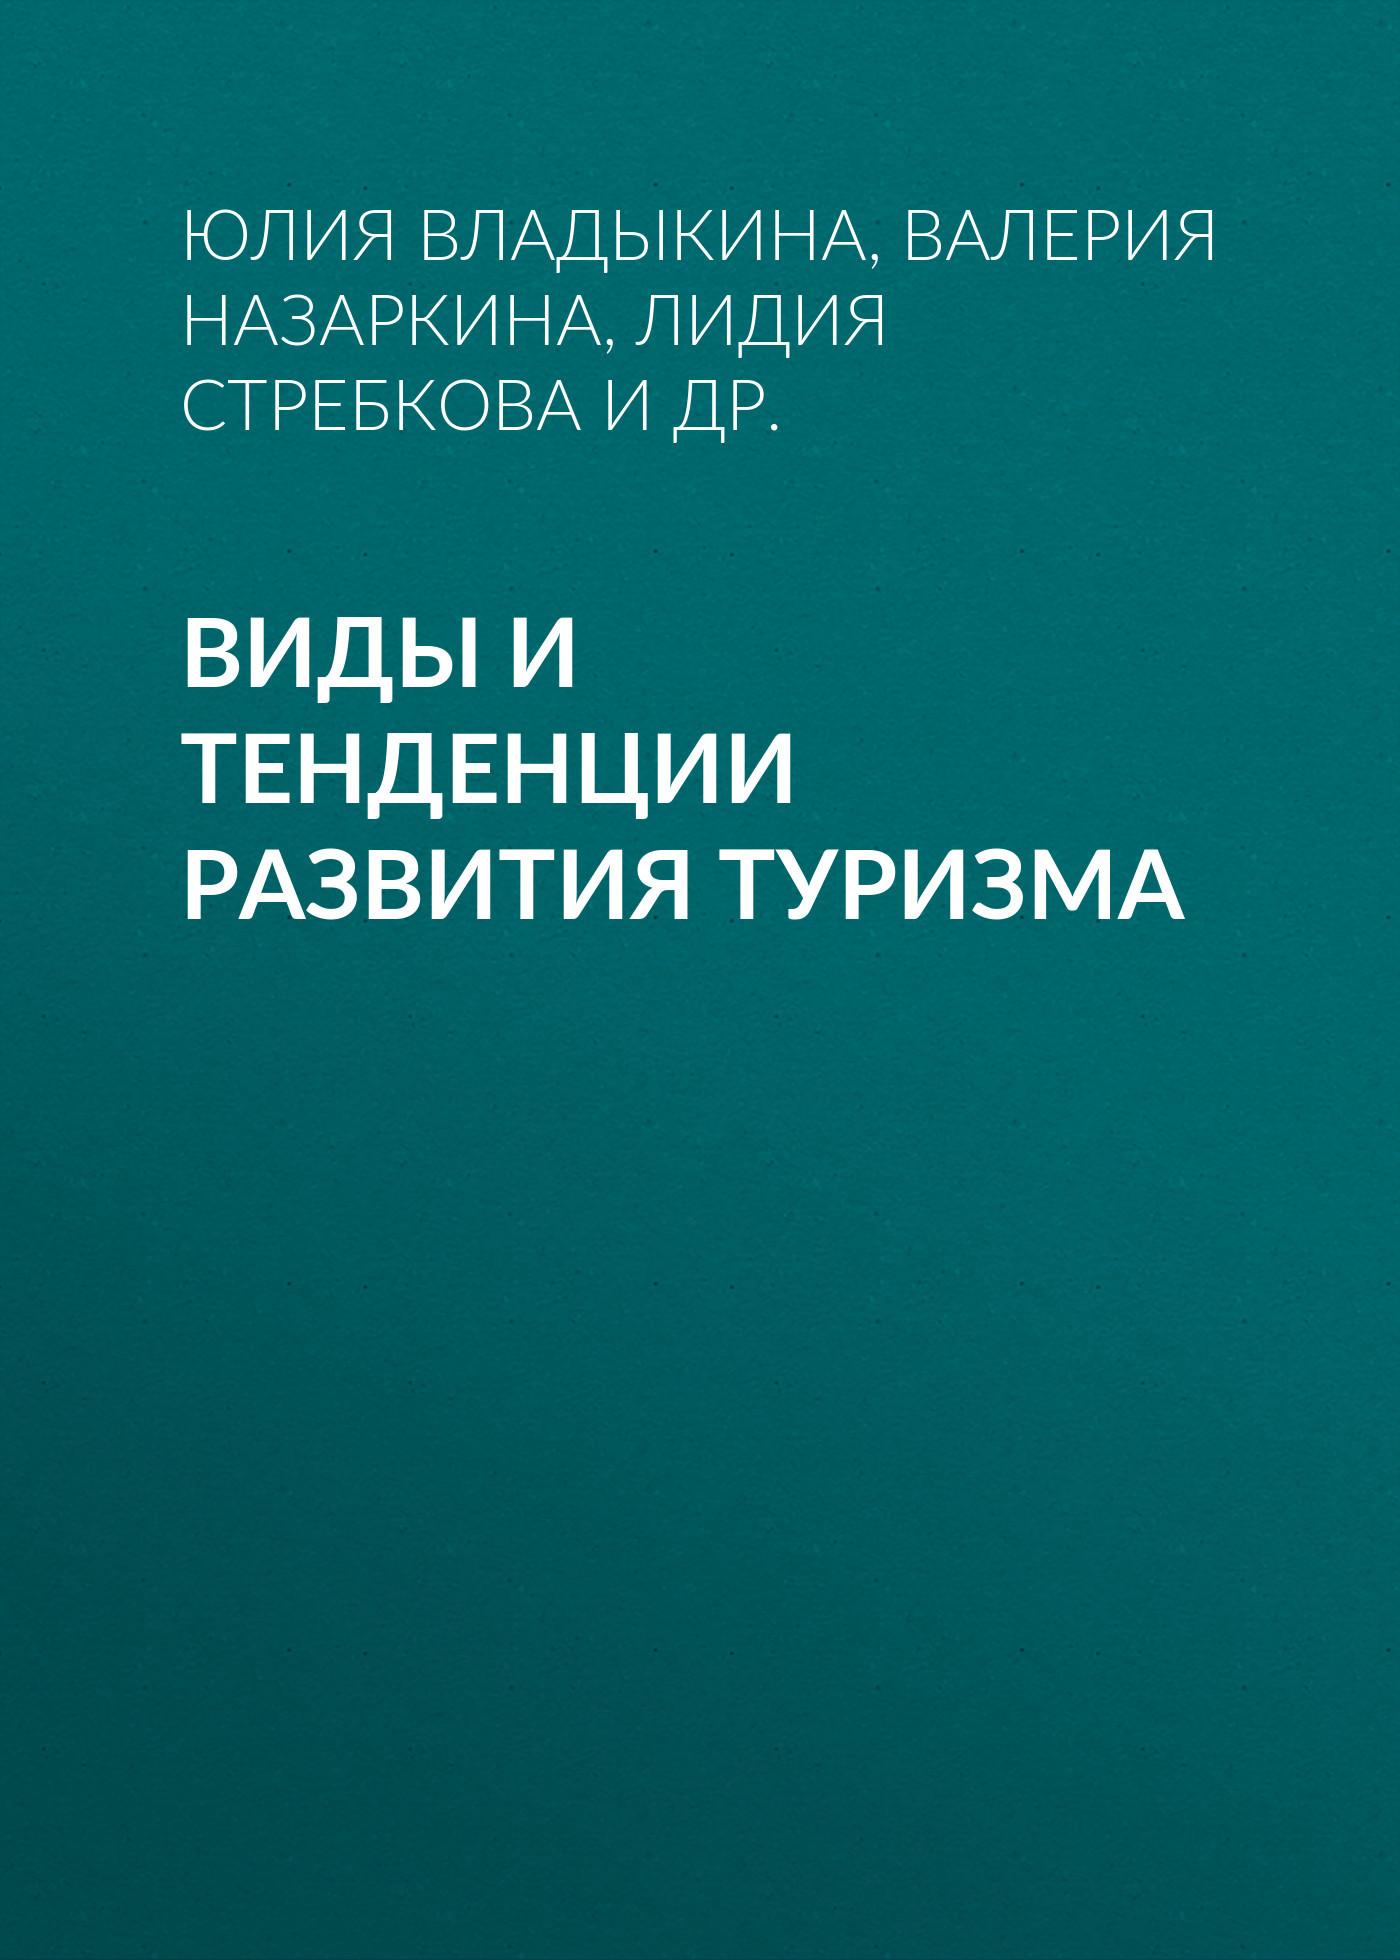 Юлия Владыкина Виды и тенденции развития туризма